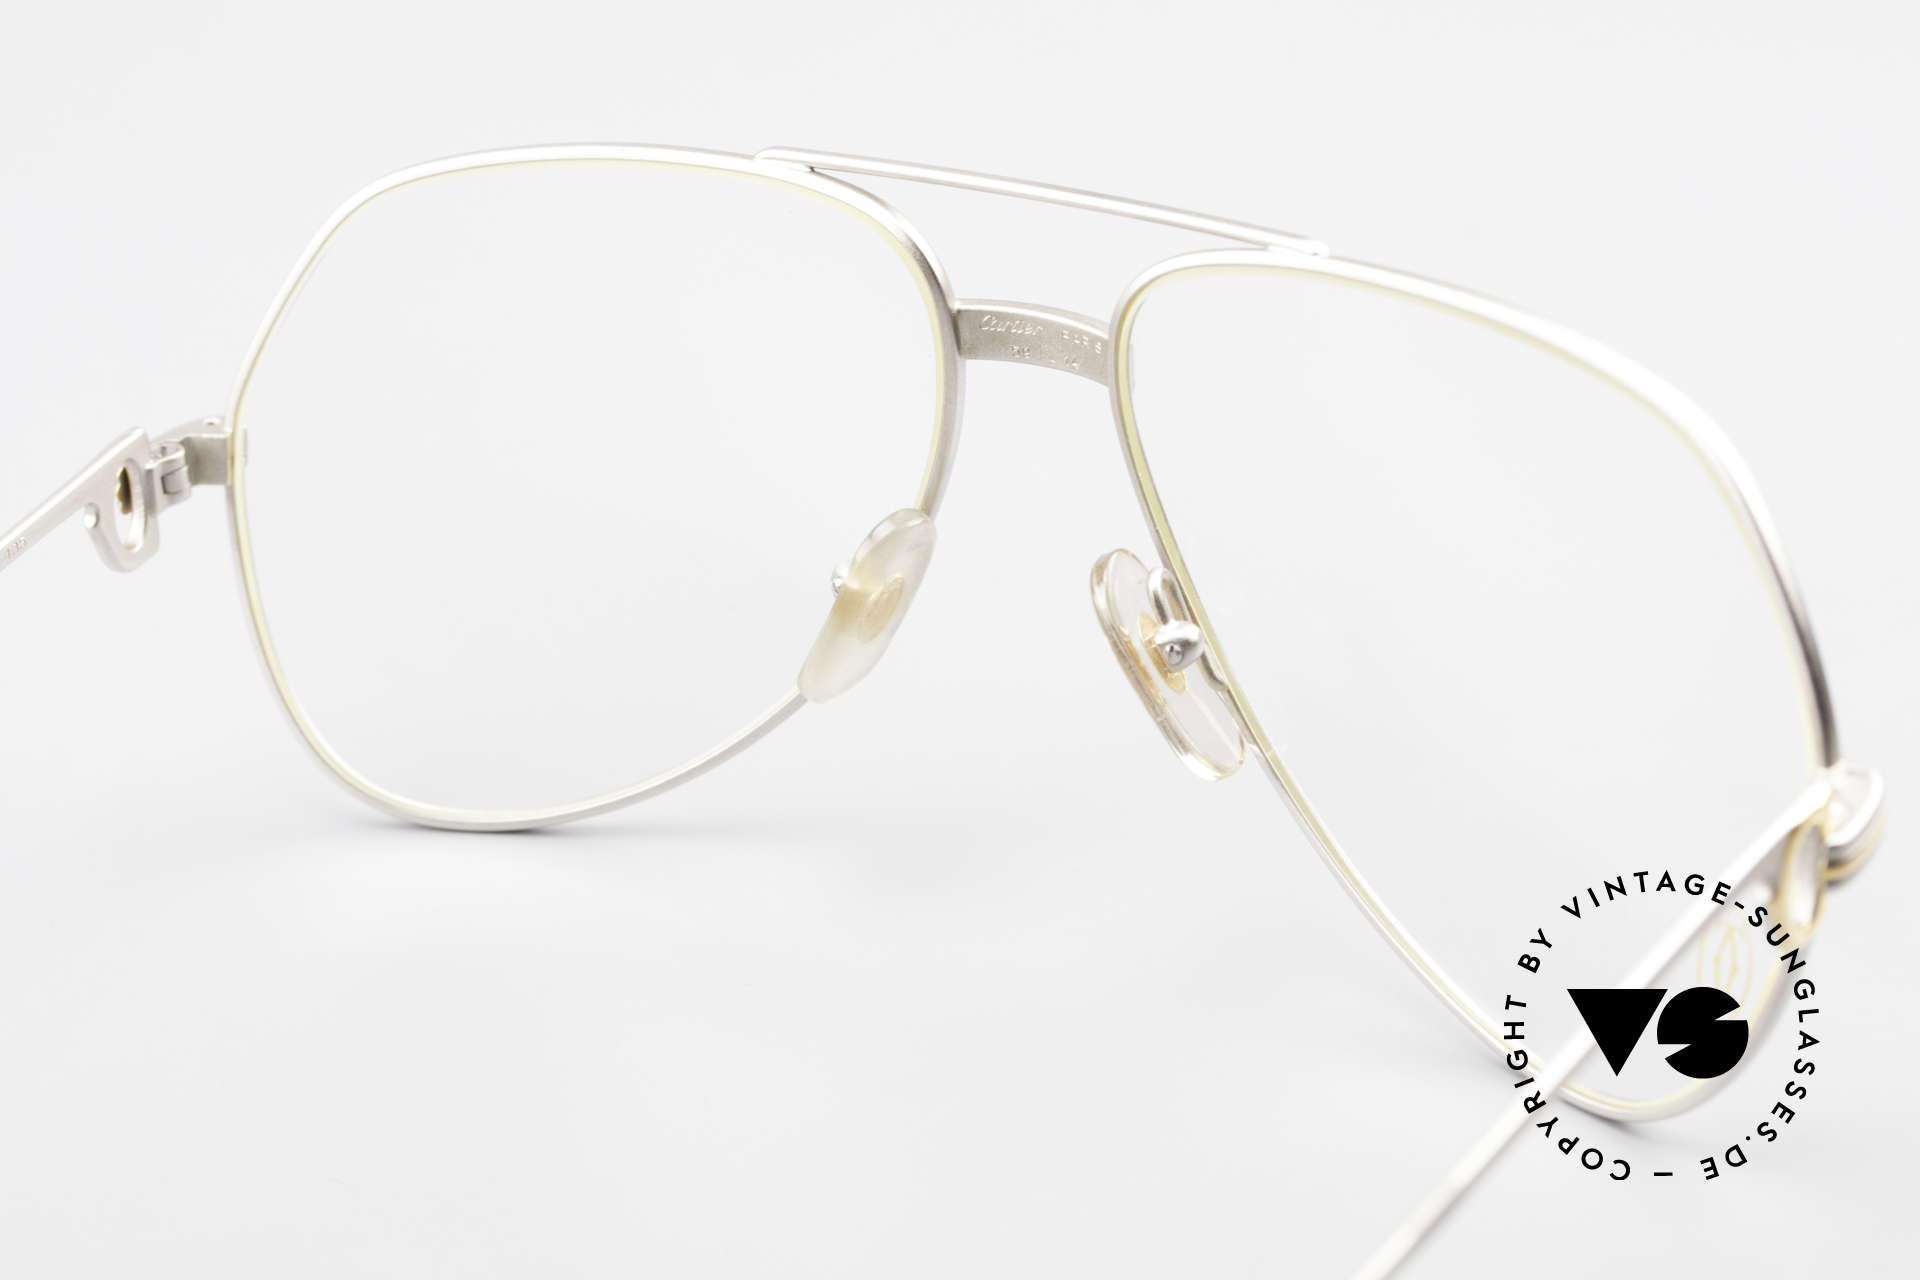 Cartier Vendome LC - M Precious Palladium Finish, NO retro eyeglasses, but an authentic vintage ORIGINAL, Made for Men